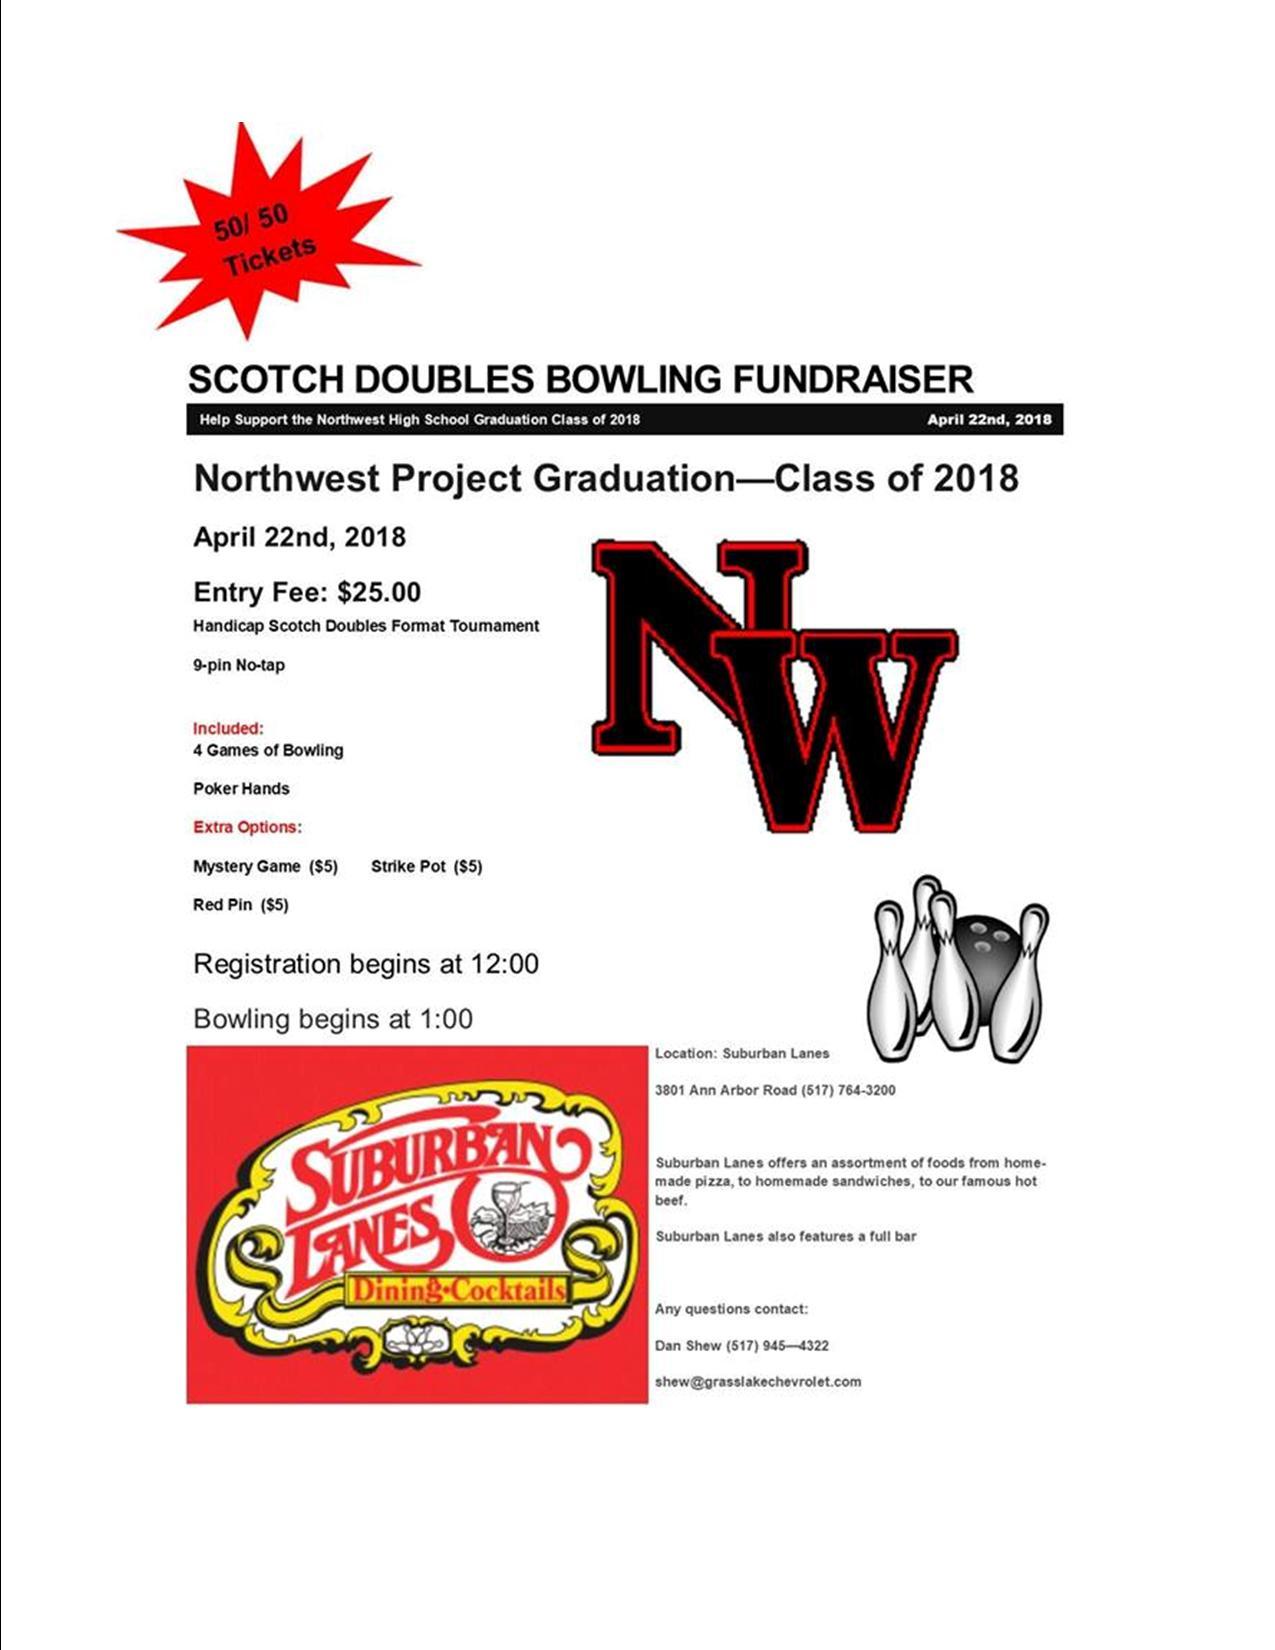 Project Graduation – Scotch Doubles Fundraiser